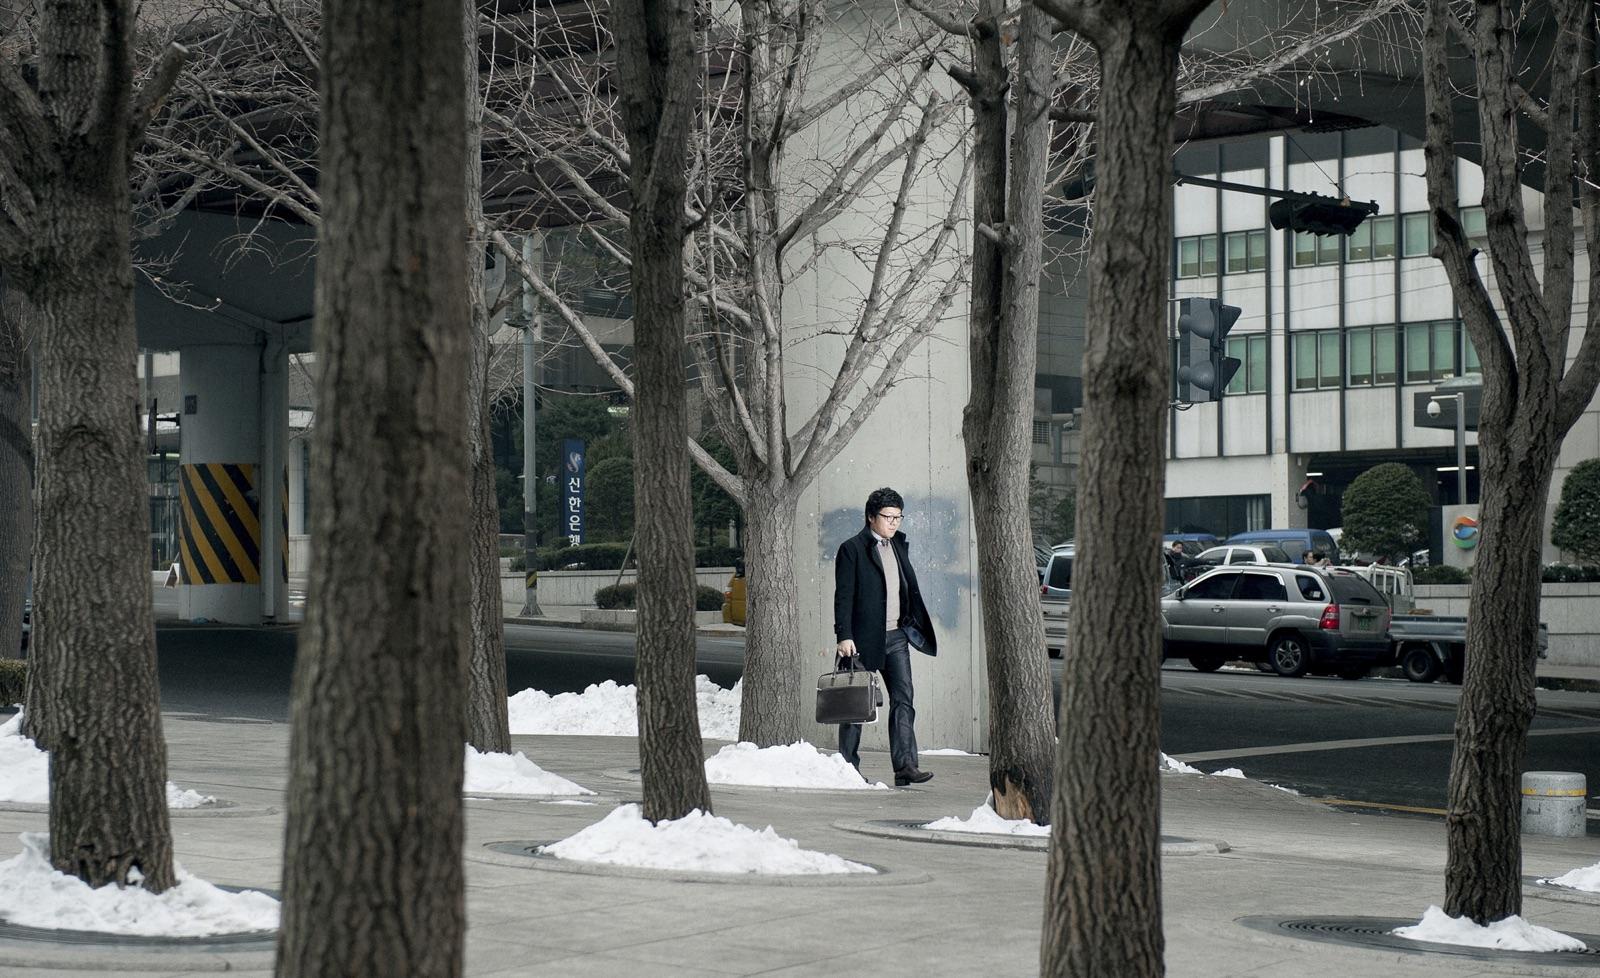 foto van zakenman op straat tussen bomen onder viaduct